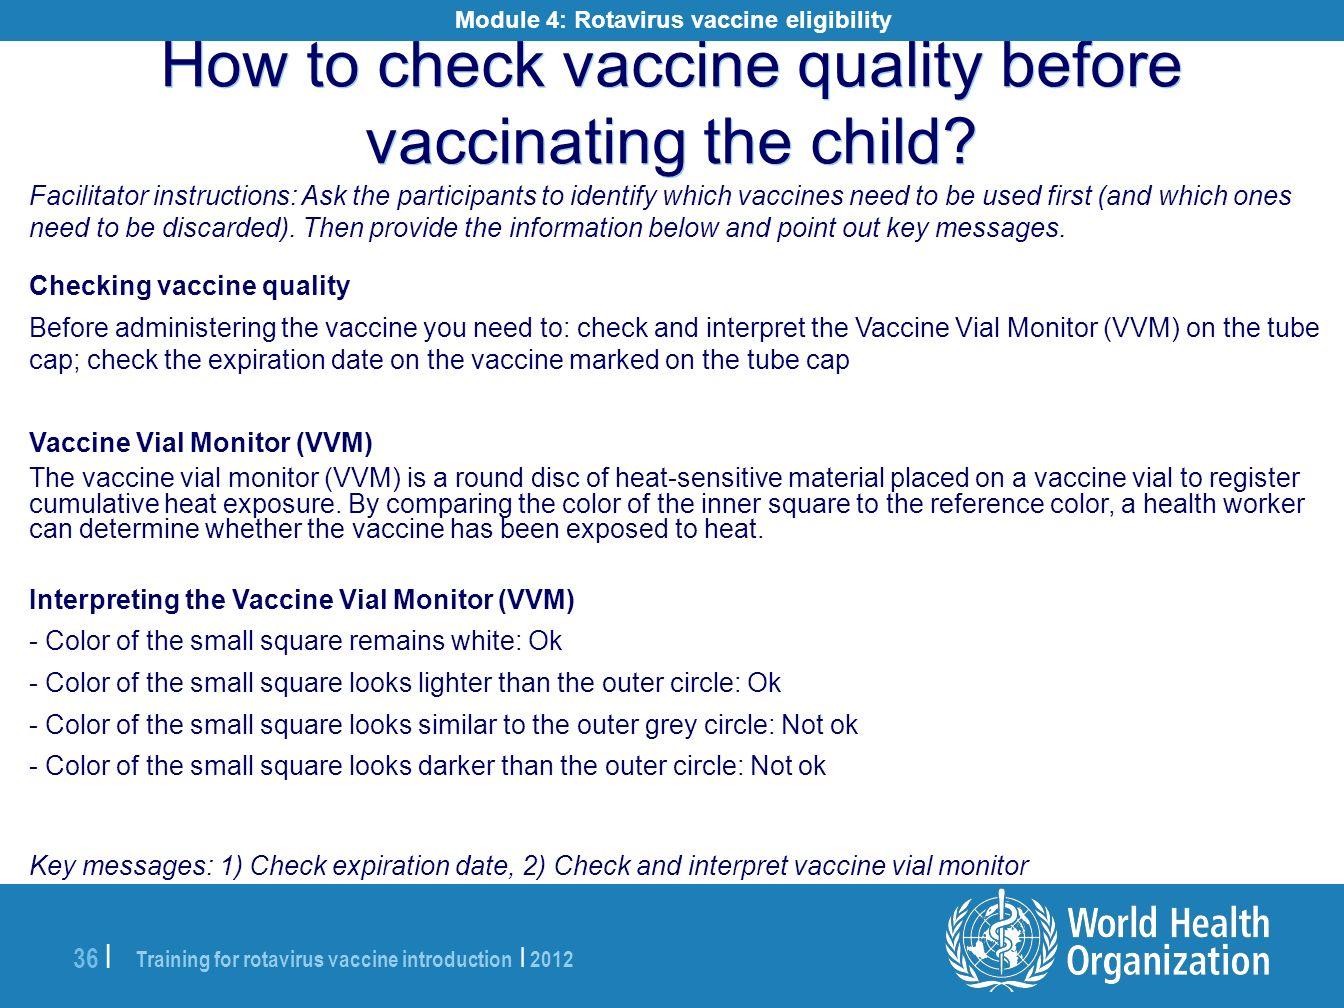 Module 4: Rotavirus vaccine eligibility